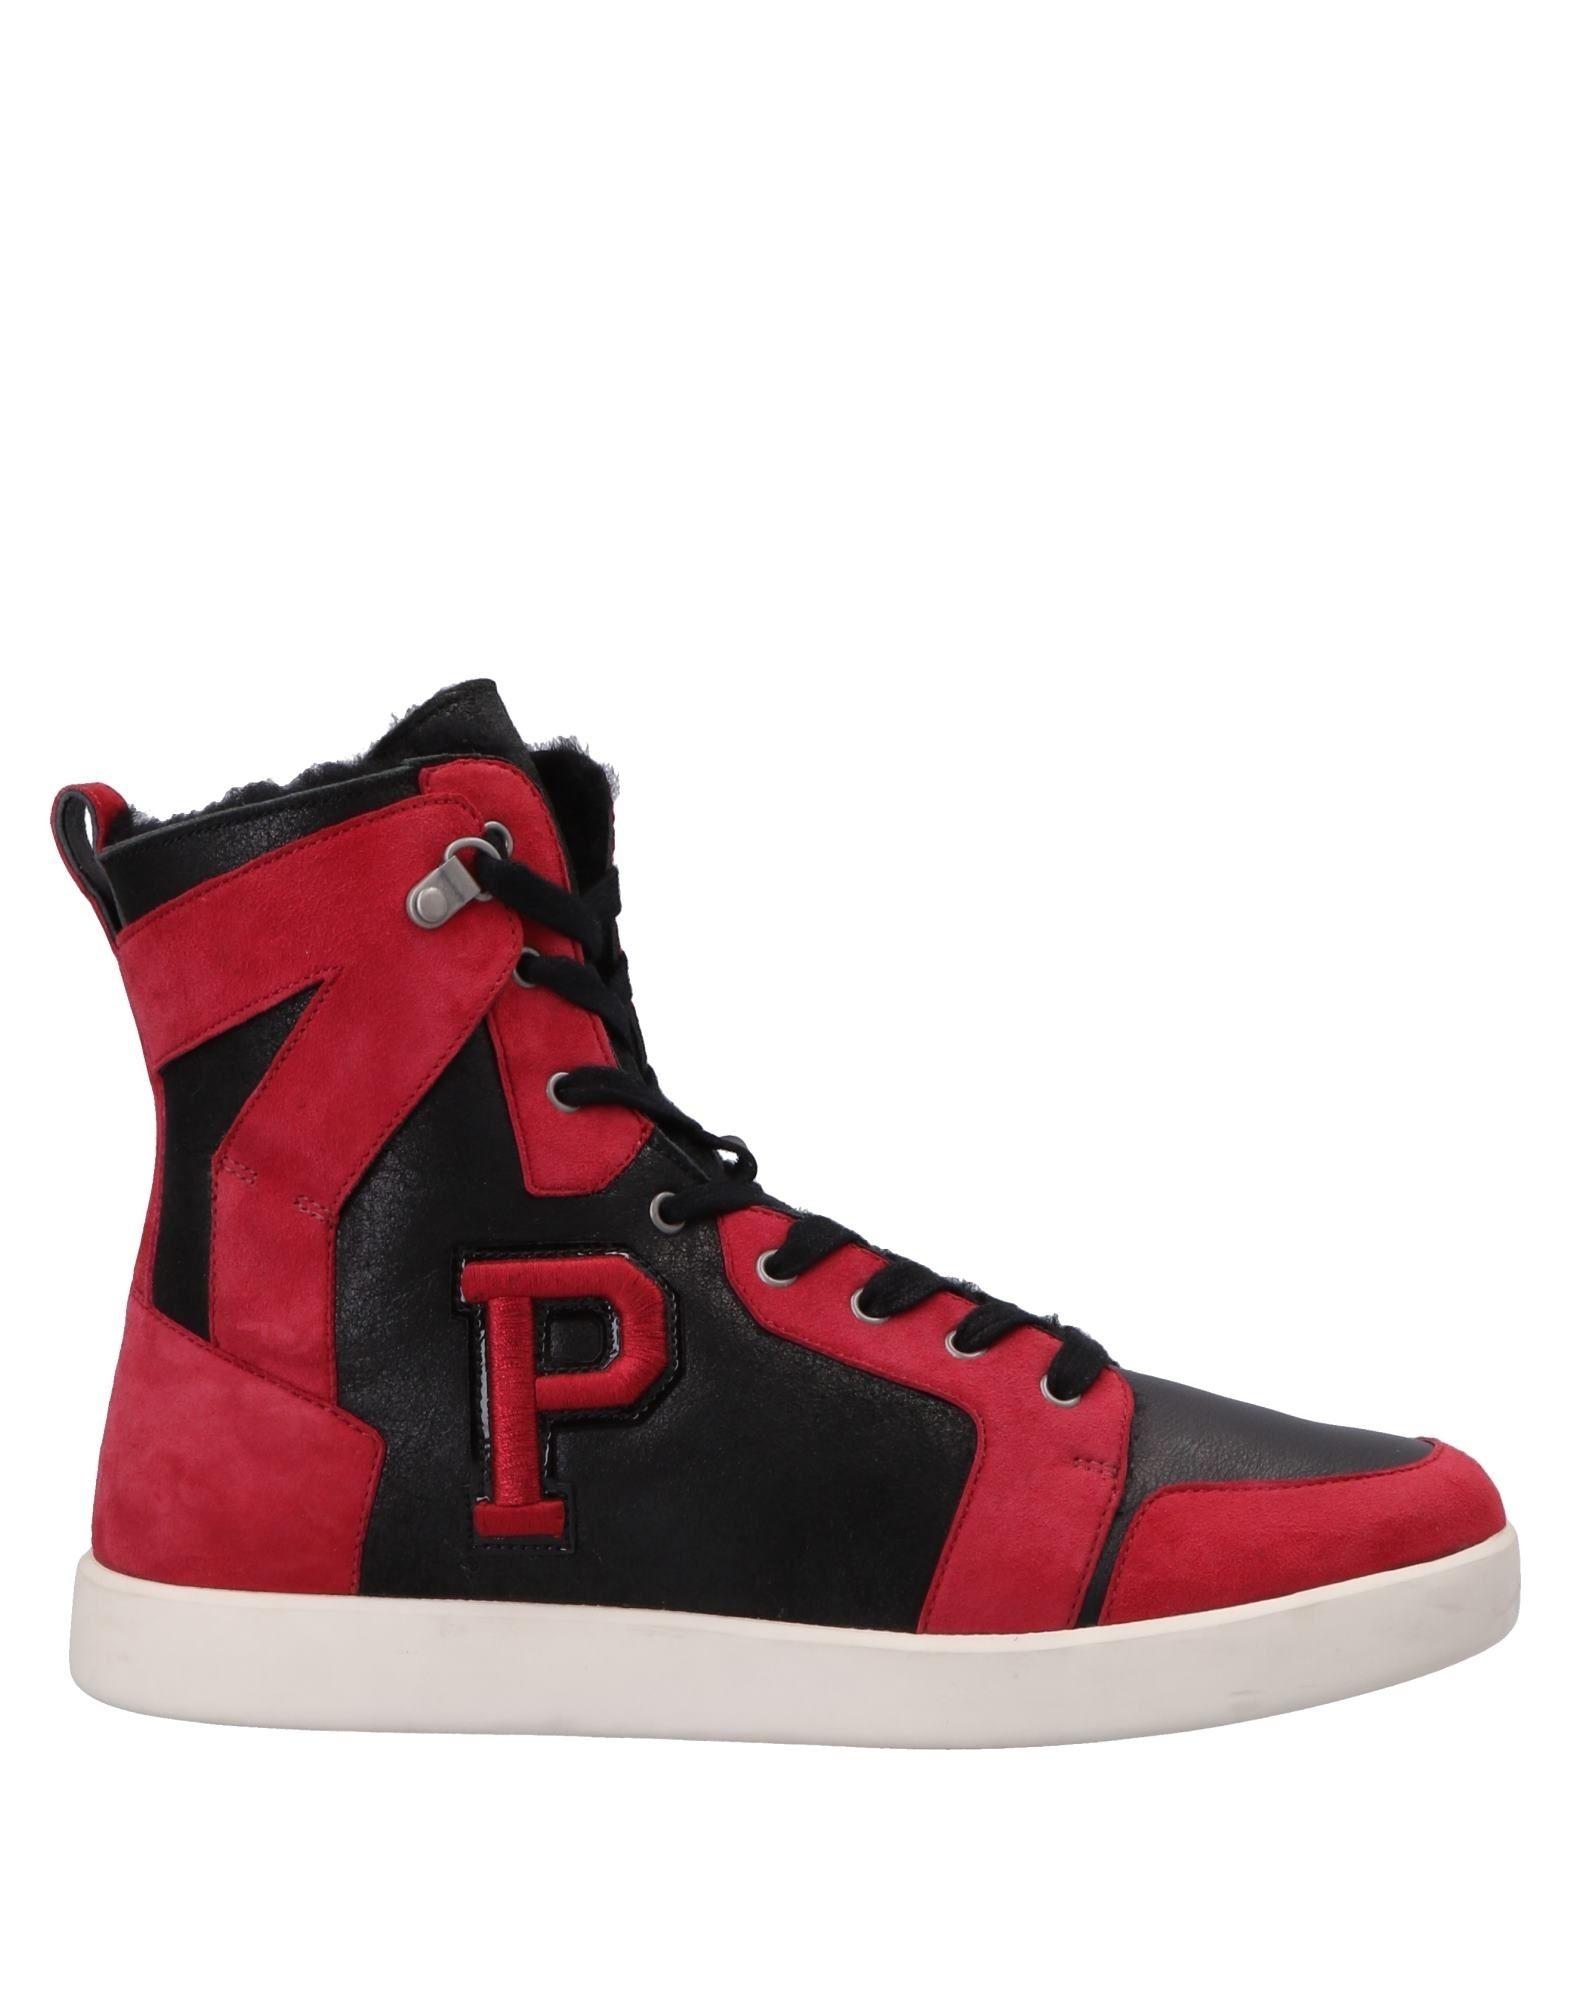 Pierre Balmain Stiefelette Herren  11555239BK Gute Qualität beliebte Schuhe